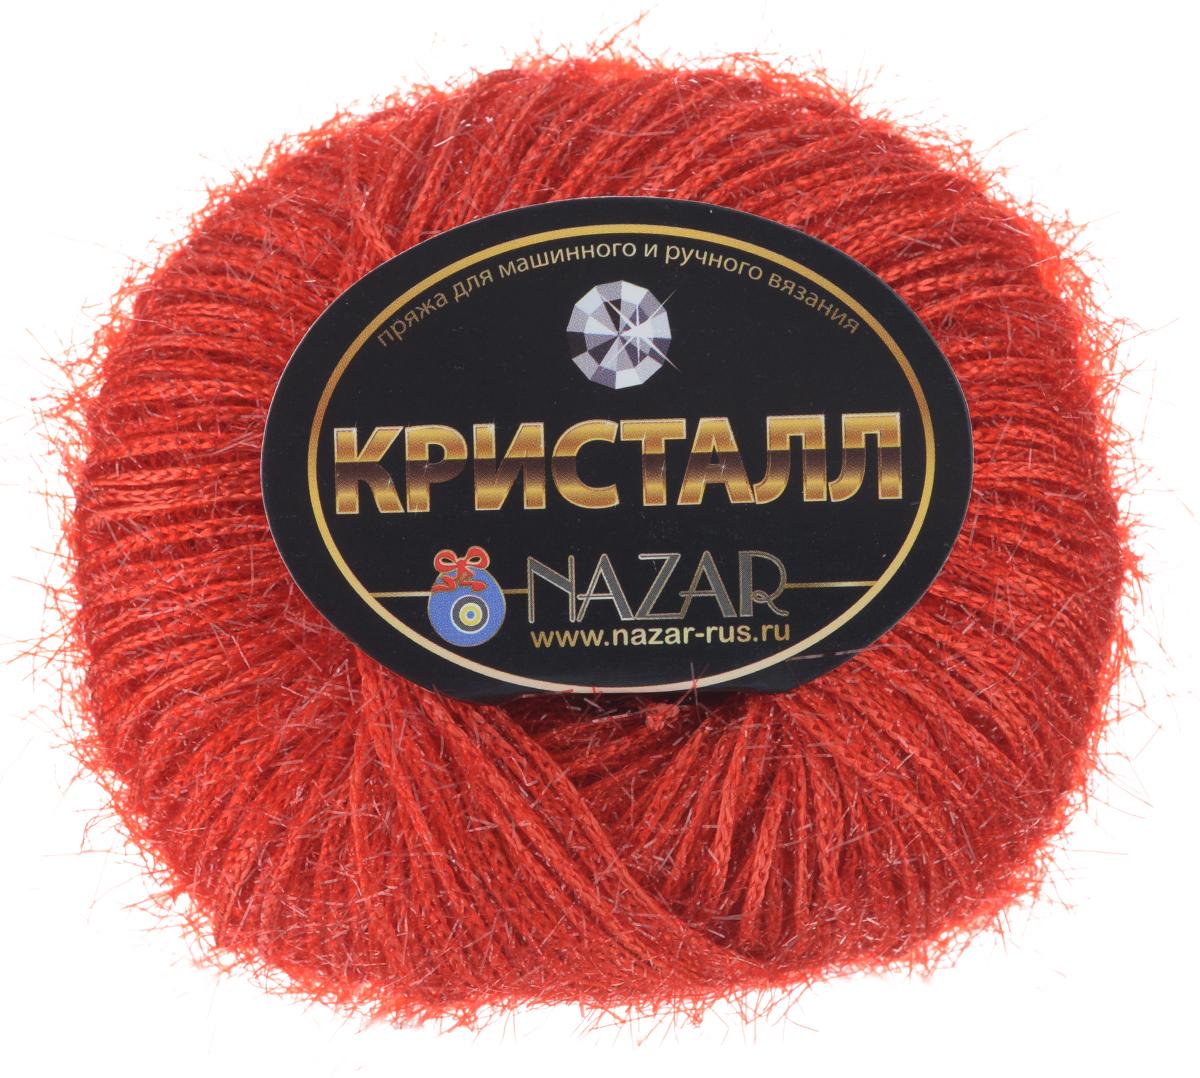 Пряжа для вязания Nazar Кристалл, цвет: красно-оранжевый (107), 125 м, 50 г, 10 шт349005_107 красно-оранж.Пряжа Nazar Кристалл - это фантазийная пряжа, изготовленная из люрекса и полиэстера. В изделии из этой пряжи вы не останетесь незамеченной, а новогодние игрушки из этой пряжи будут неповторимыми. Изделия практичны в носке и уходе. Рекомендуемые спицы 4-5 мм, крючок 4-5 мм. Комплектация: 10 мотков. Состав: 70% люрекс, 30% полиэстер.